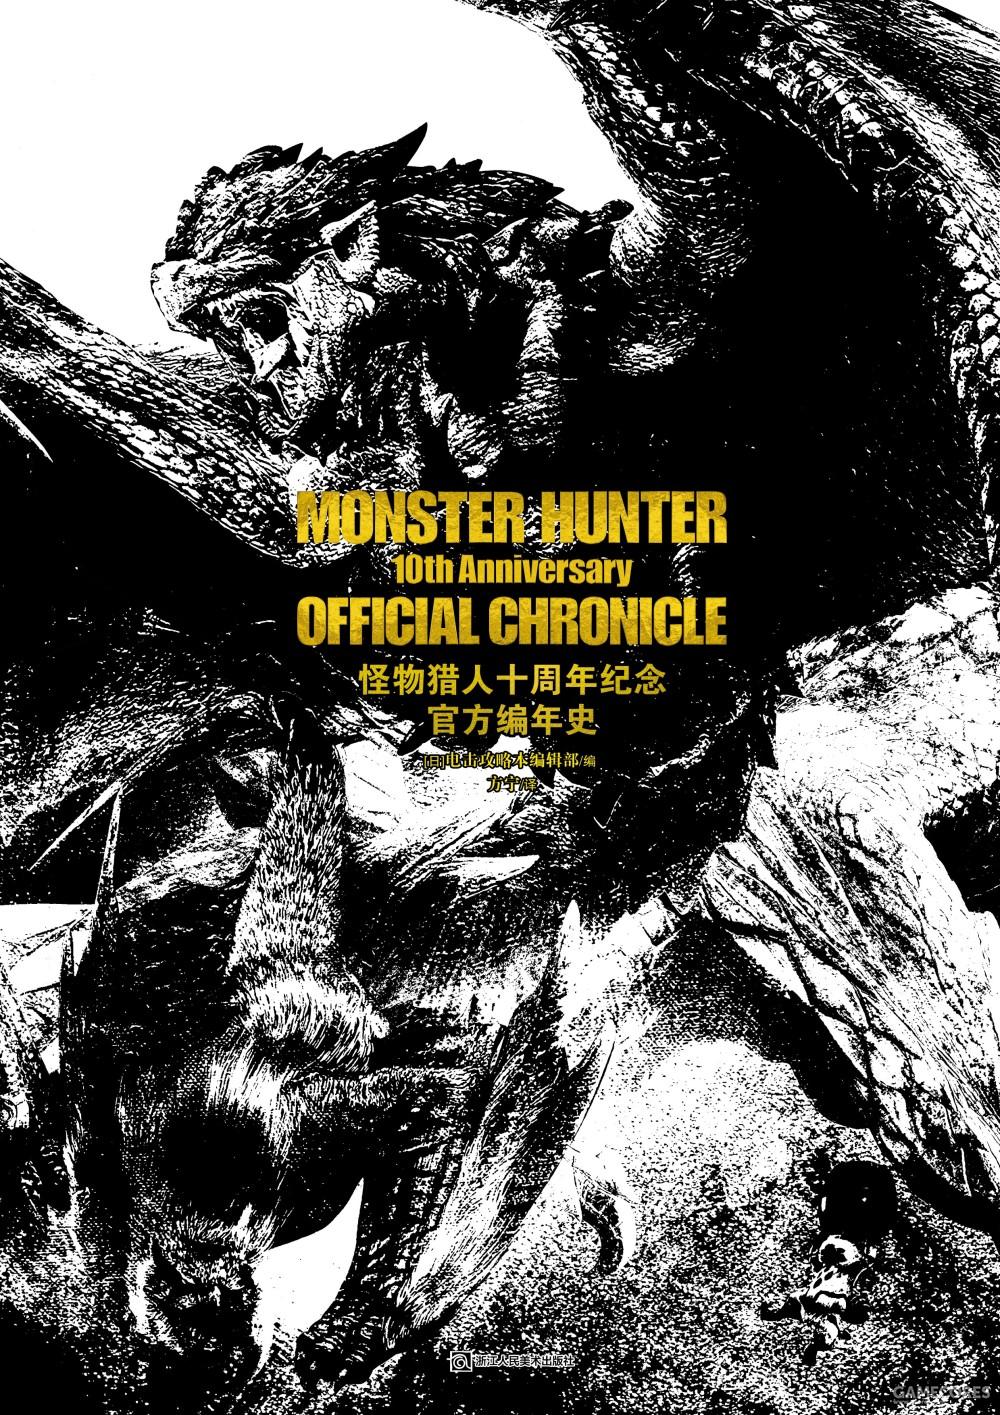 怪物猎人十周年纪念 官方编年史